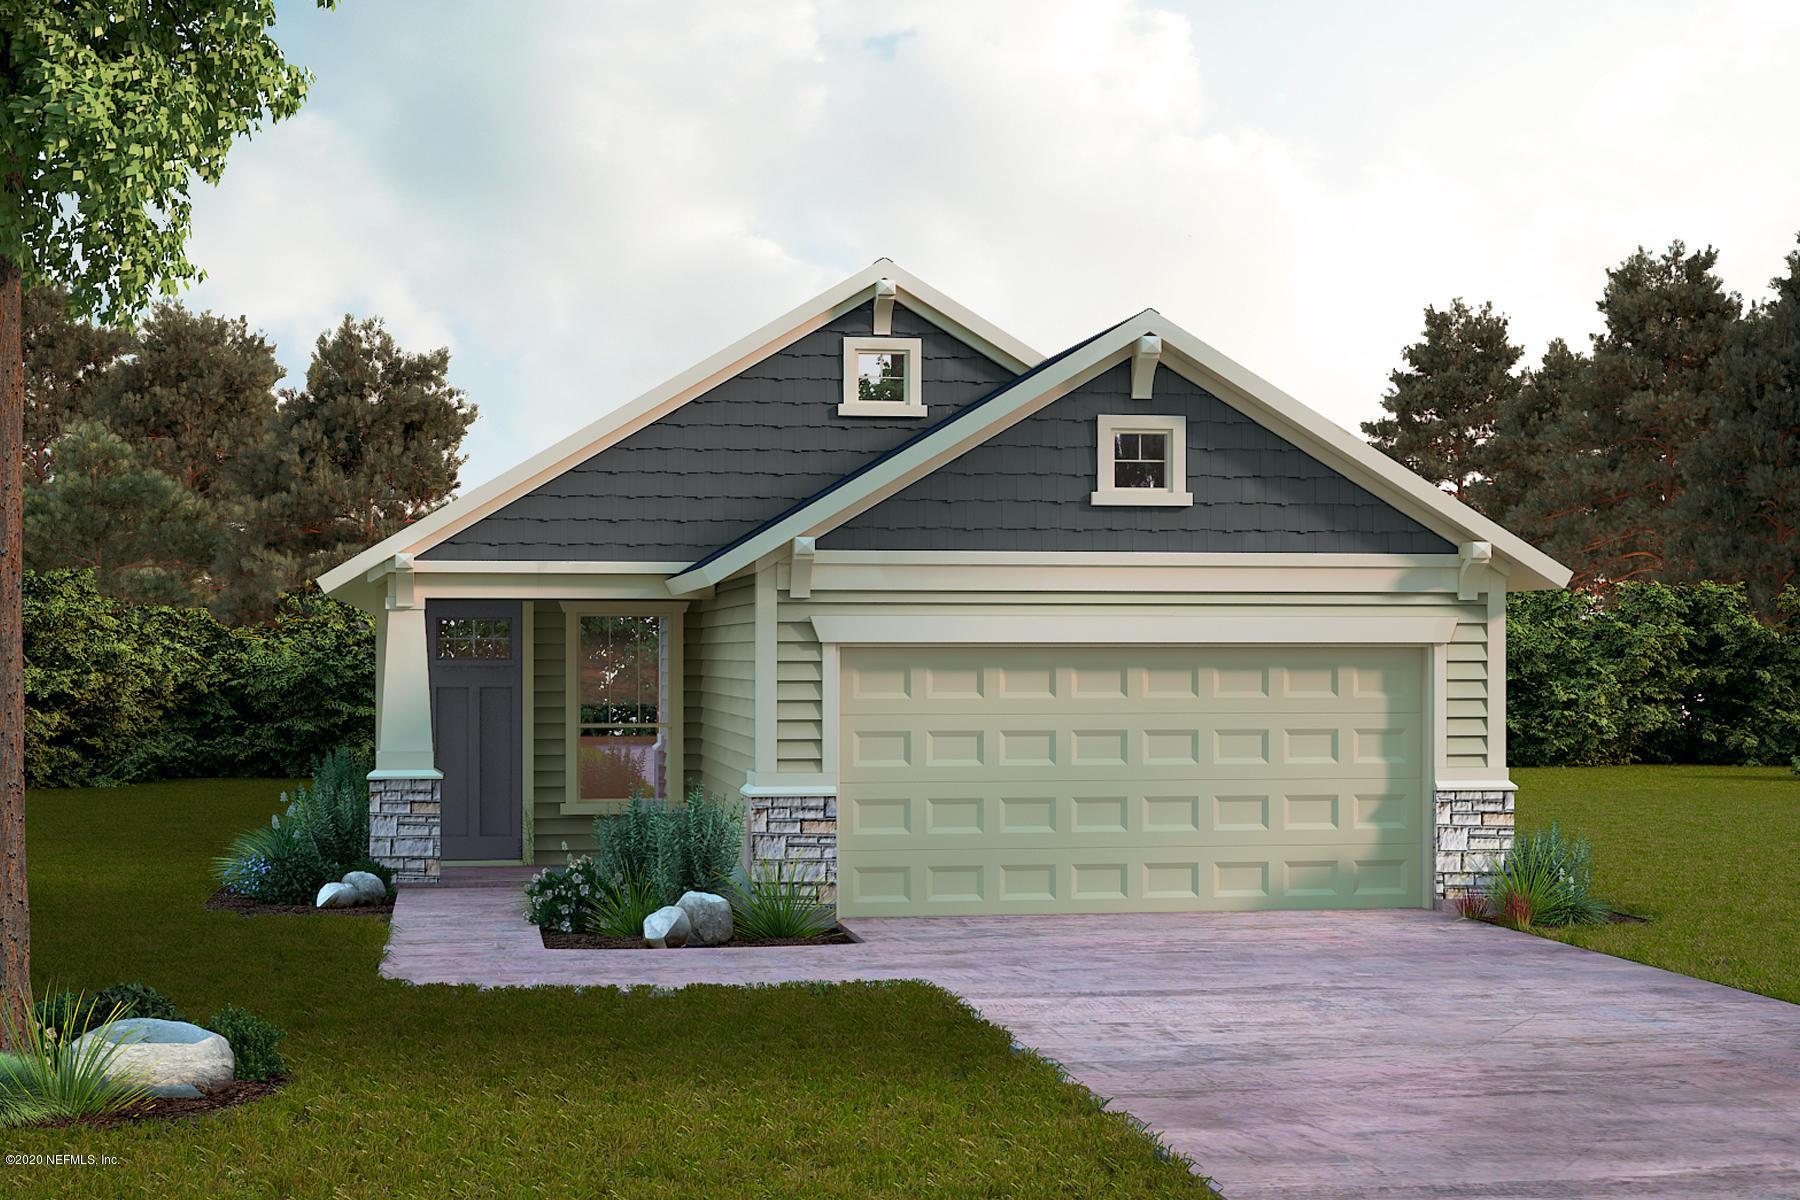 Listing Details for 387 Pioneer Village Dr, PONTE VEDRA, FL 32081